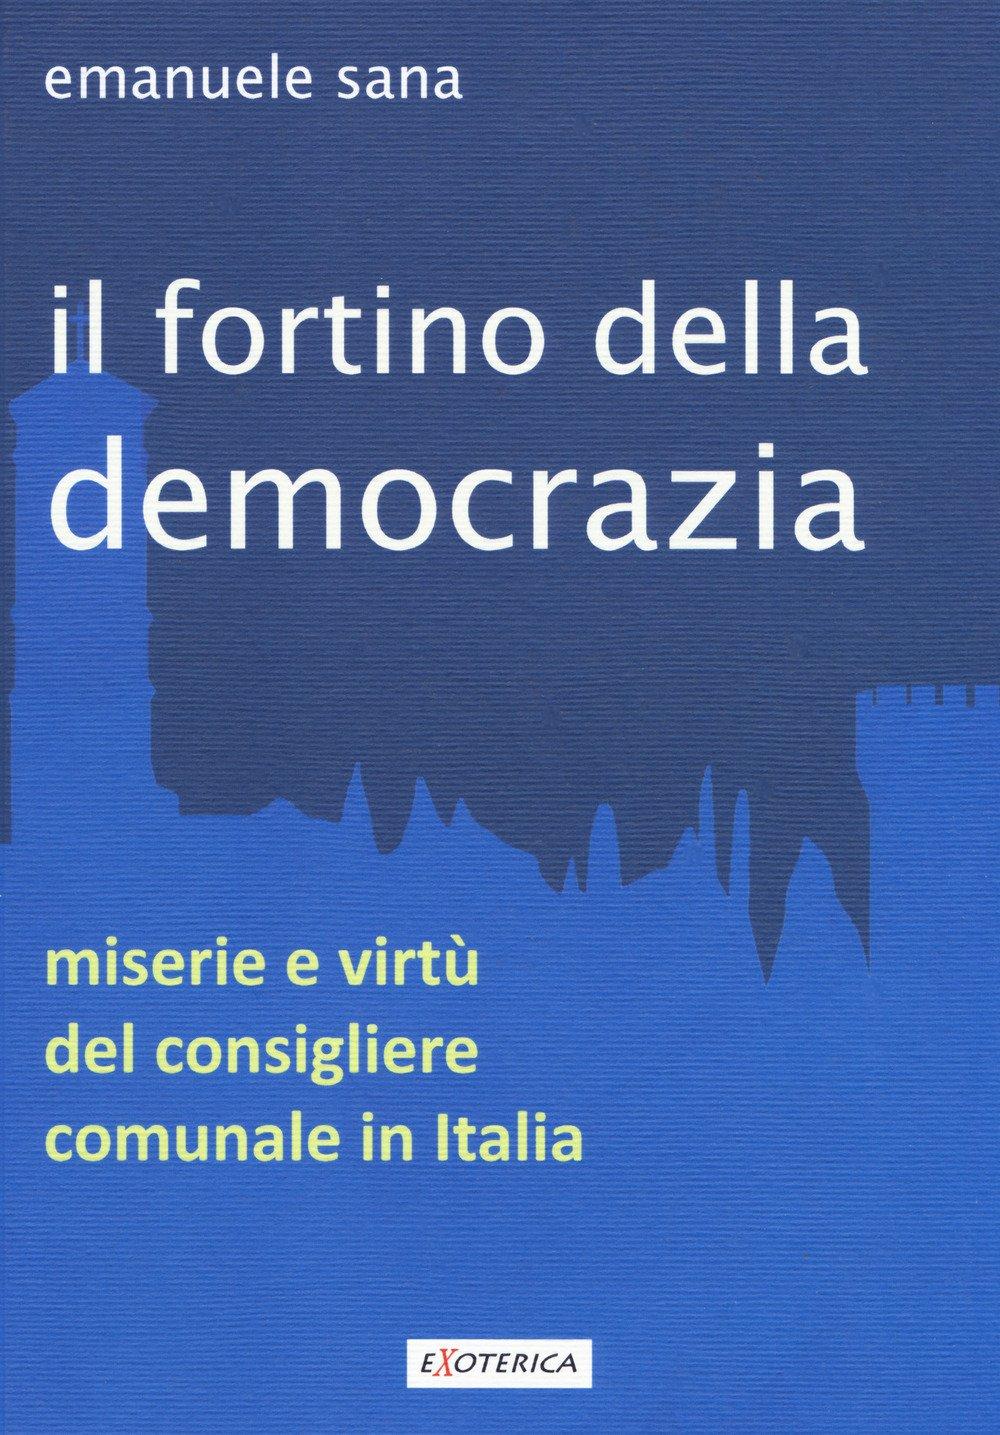 Il fortino della democrazia. Miserie e vitu' del consigliere comunale in italia